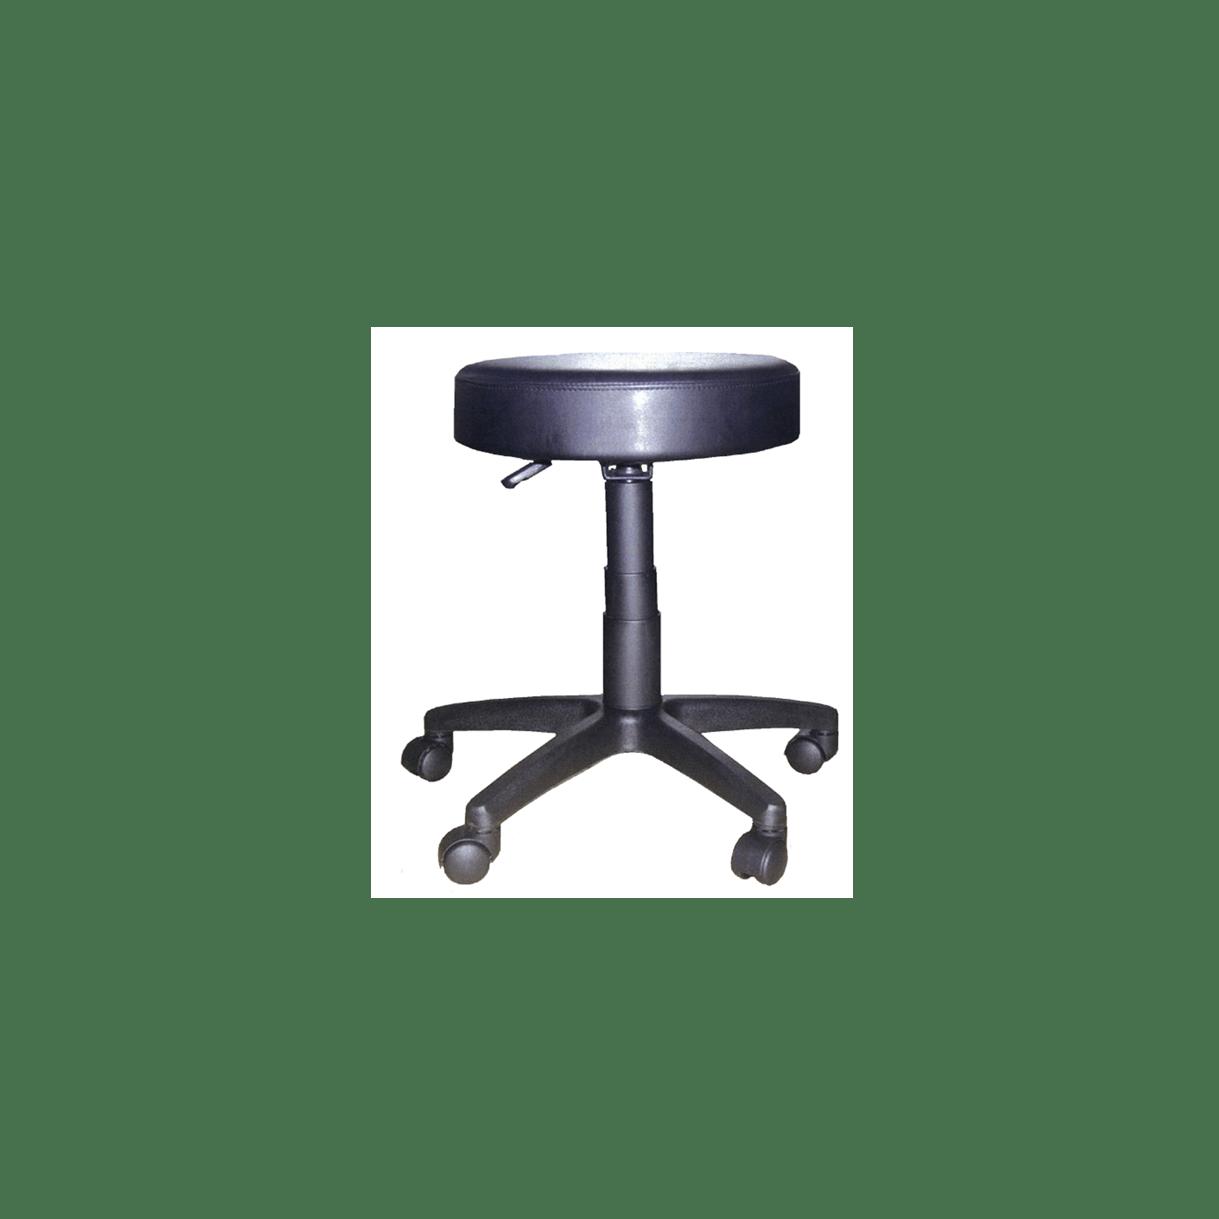 gas stool